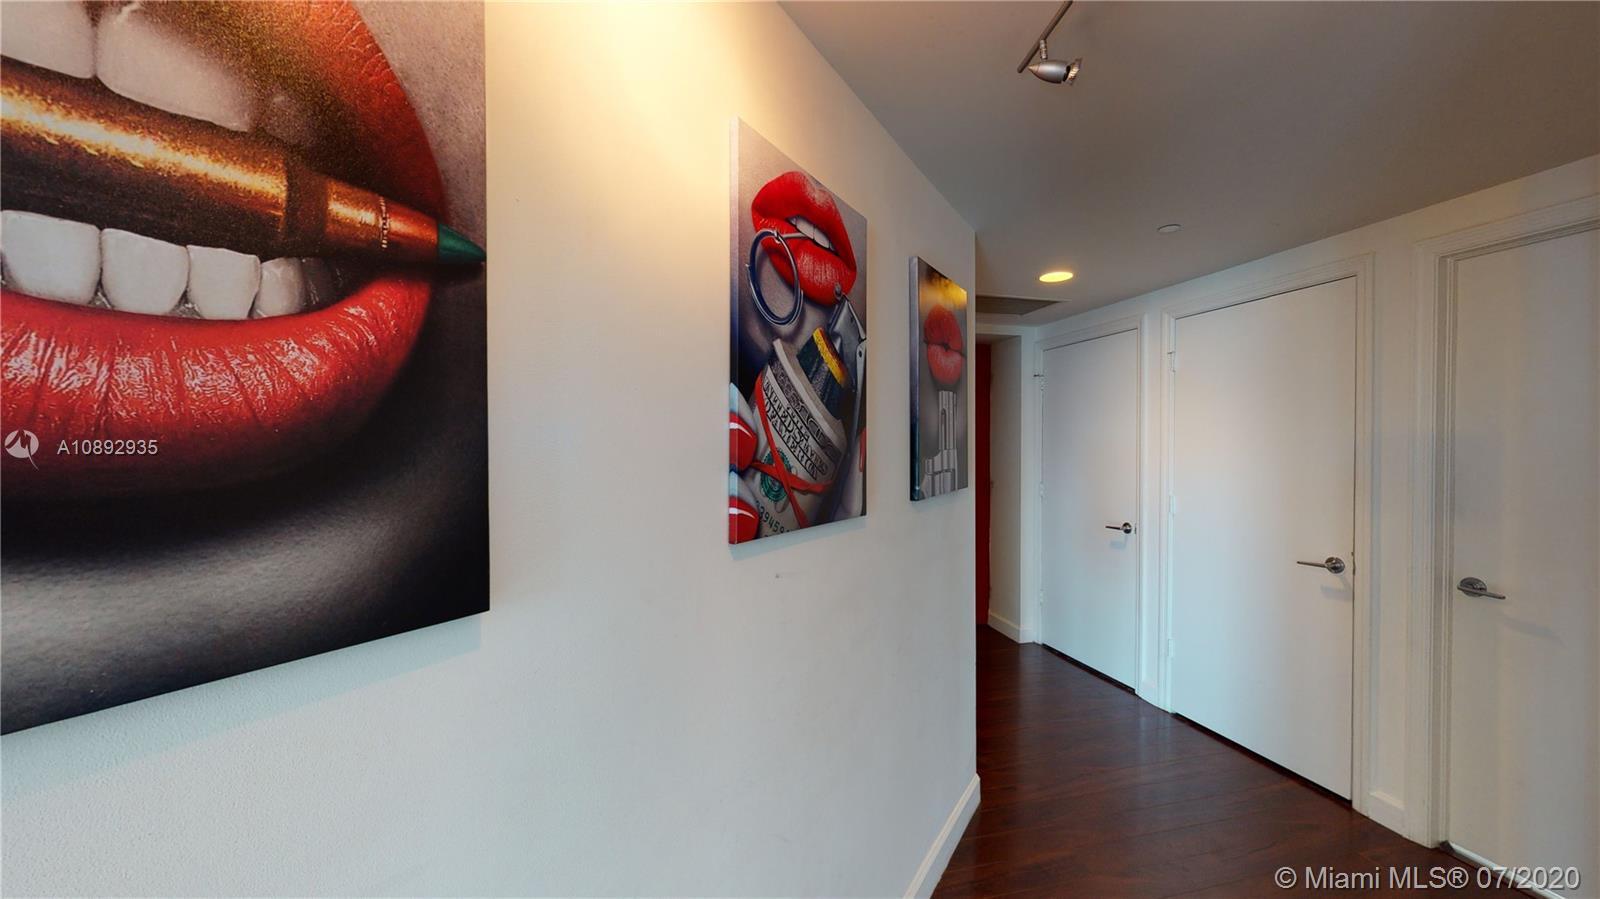 500 Brickell image #21